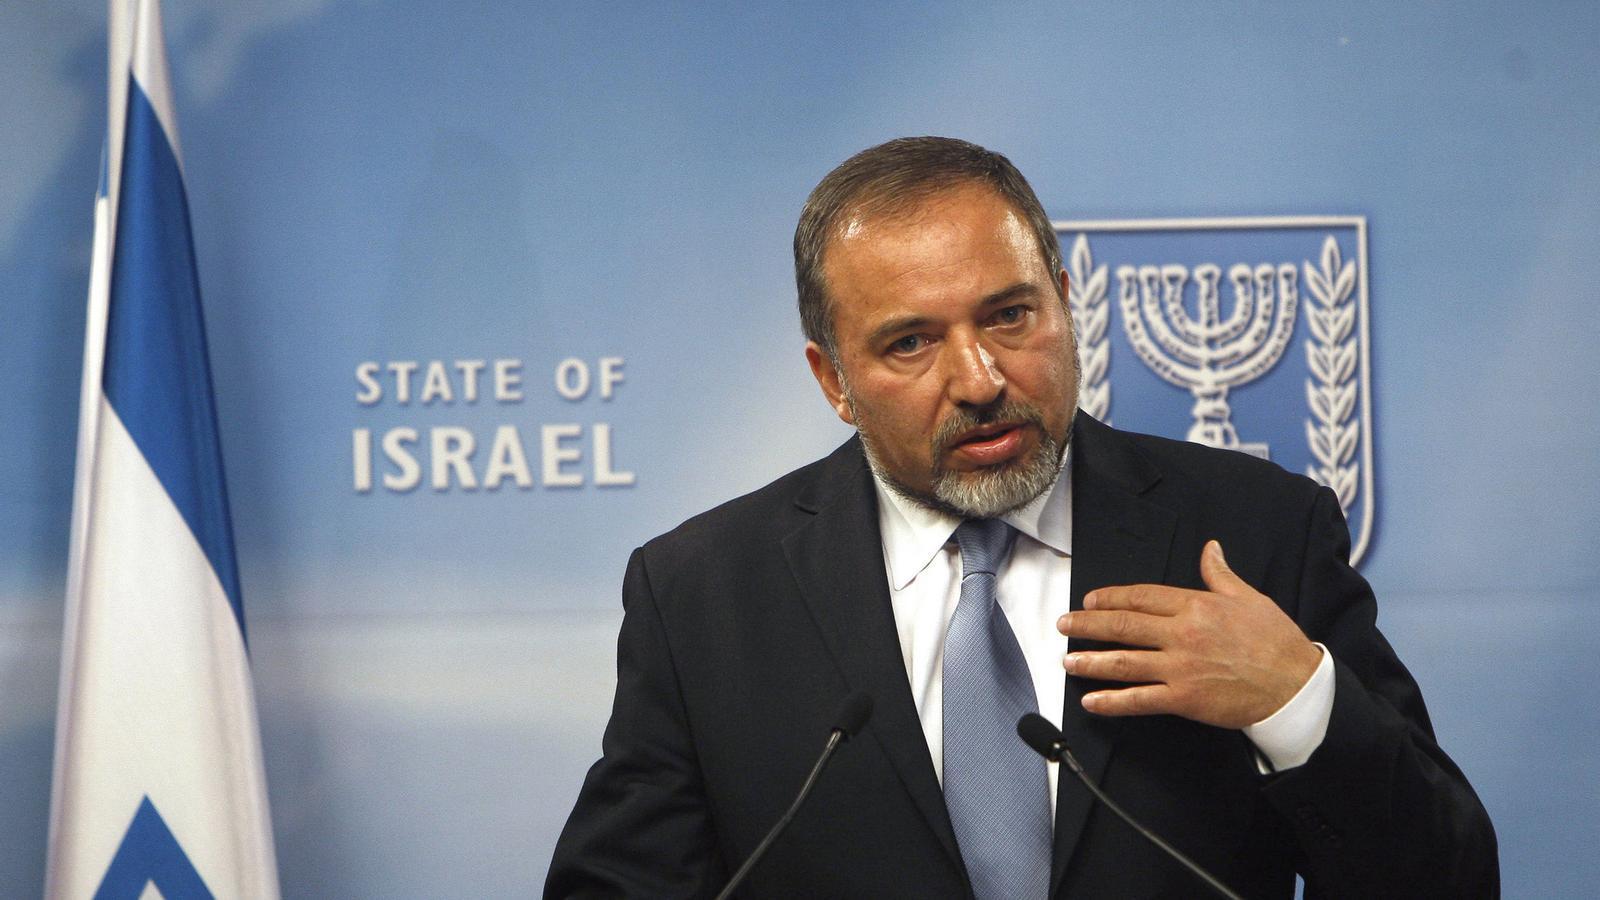 El ministre d'Exteriors d'Israel, Avigdor Lieberman